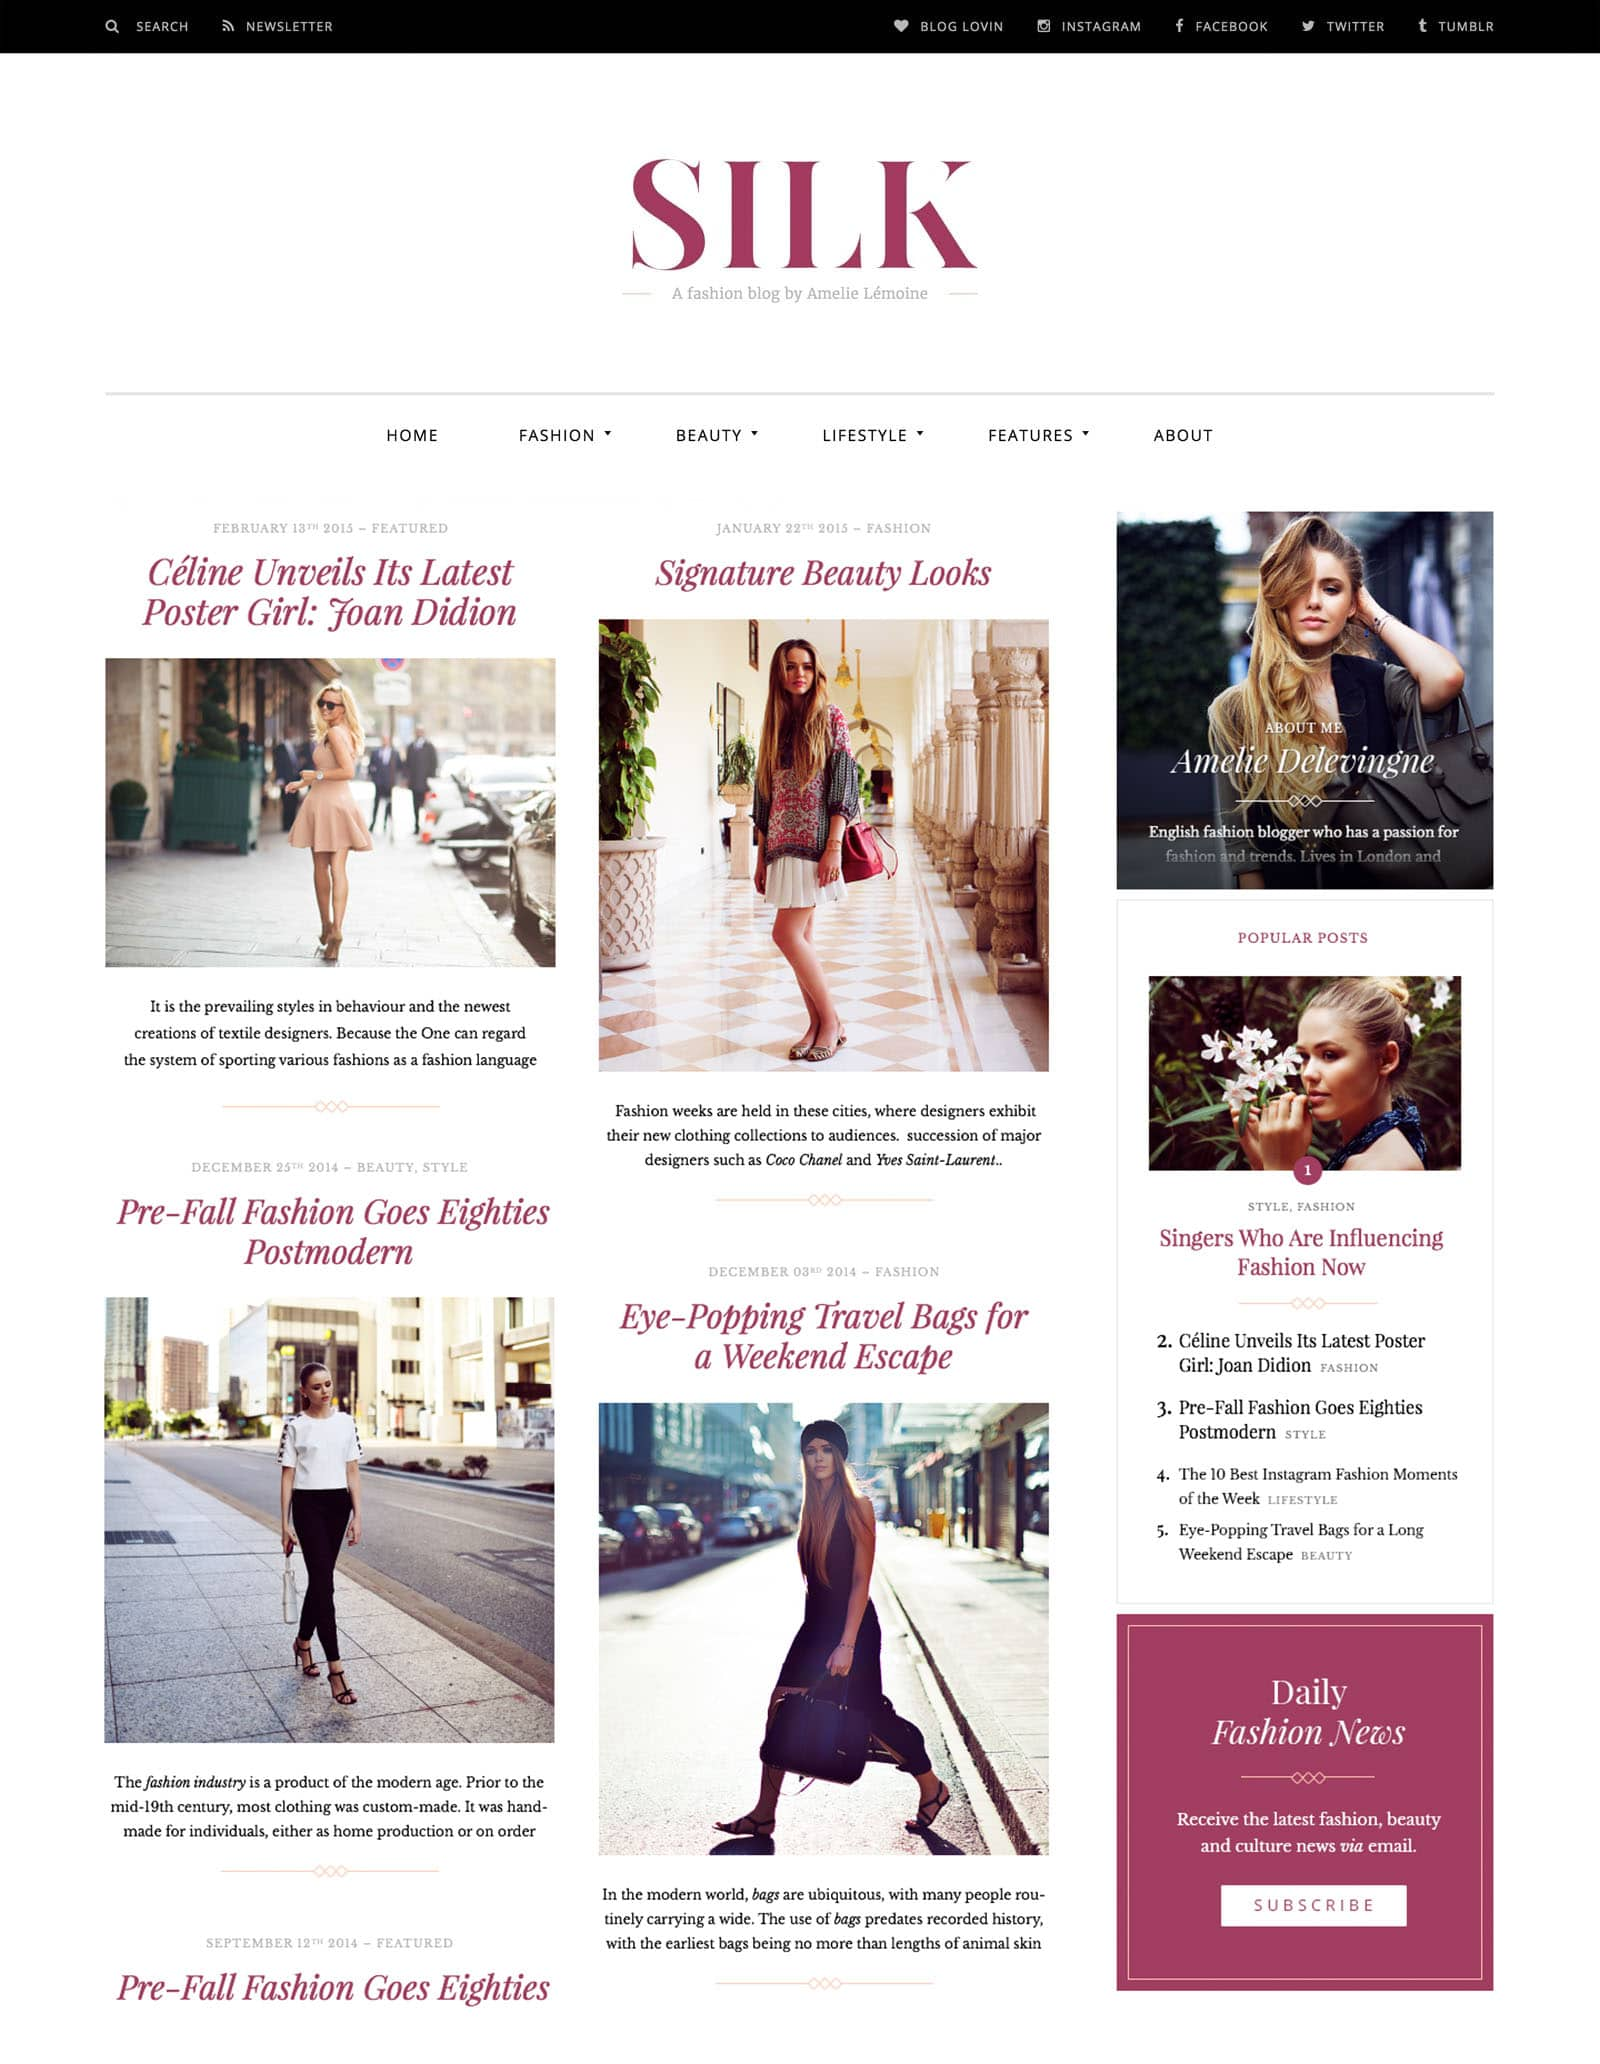 Desktop View for Silk Lite a free fashion blog WordPress theme